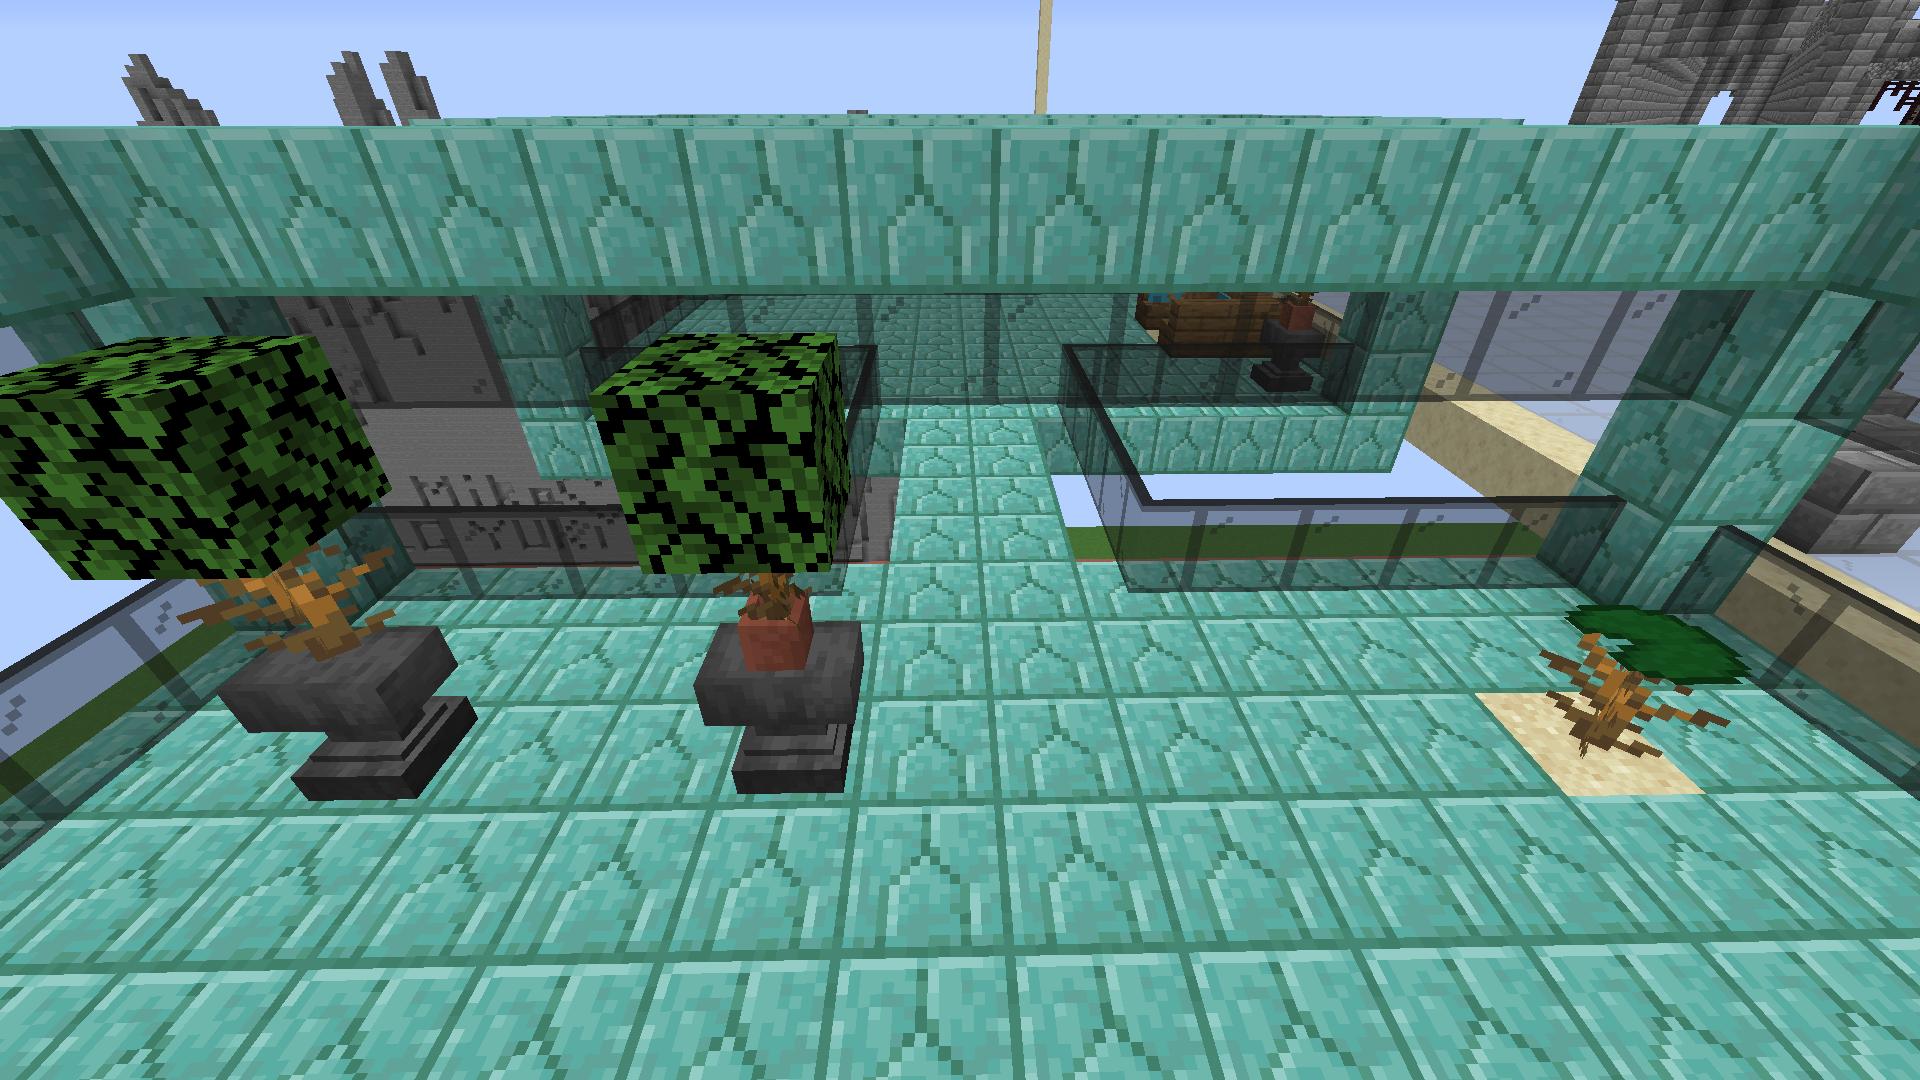 Full Size of Minecraft Küche Deko Ideen Ebay Schwarze Wasserhahn Für Sprüche Die Salamander Pendelleuchten Vorhänge Landhaus Apothekerschrank Industrie Betonoptik Wohnzimmer Minecraft Küche